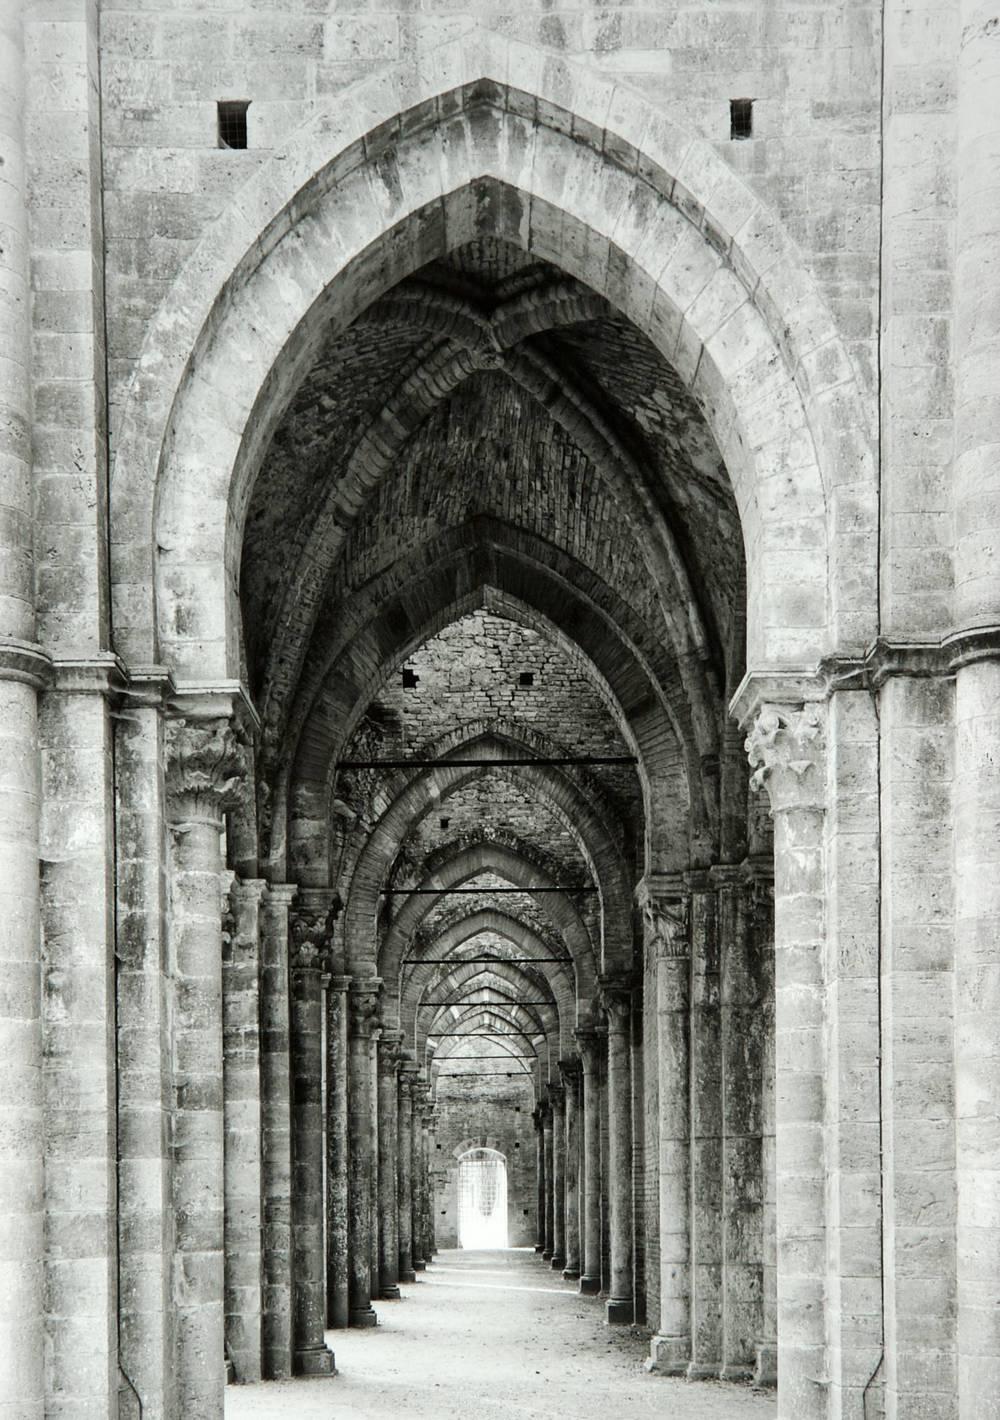 Abbazia di San Galgano (Tuscany, Italy)